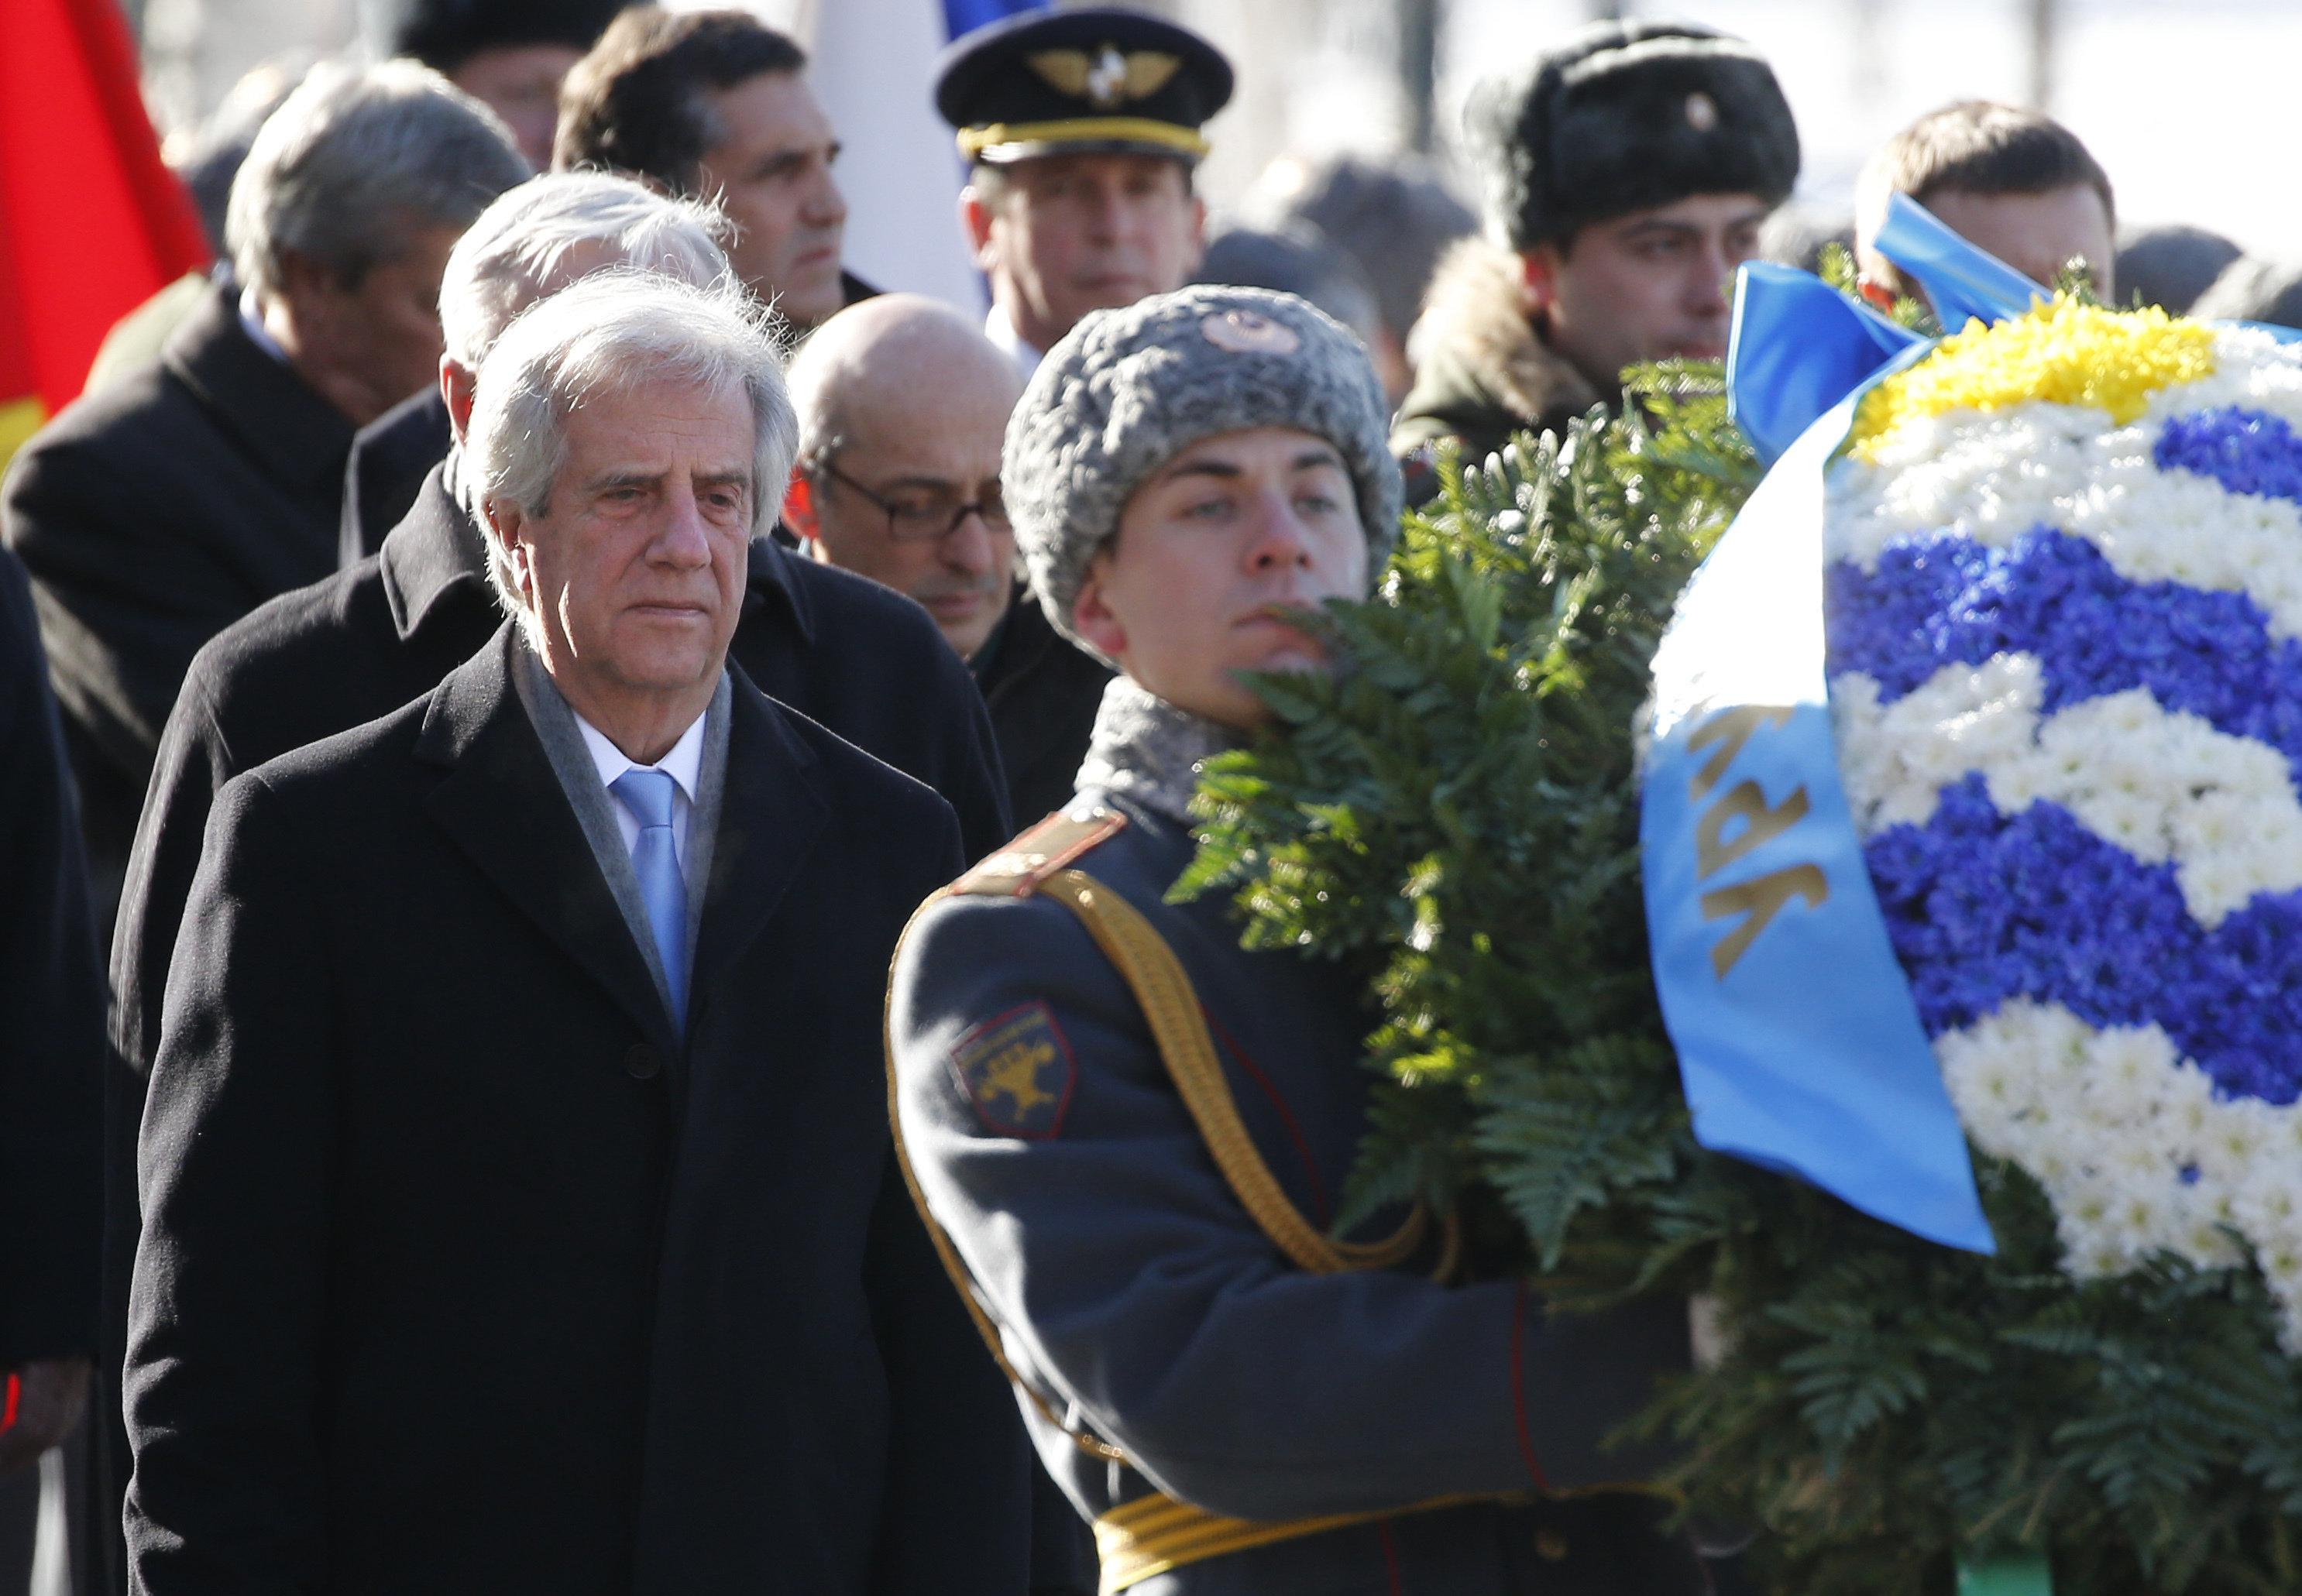 El presidente de Uruguay, Tabaré Vázquez, realiza una ofrenda floral a la tumba del Soldado Desconocido en Moscú, 16 de febrero de 2017.